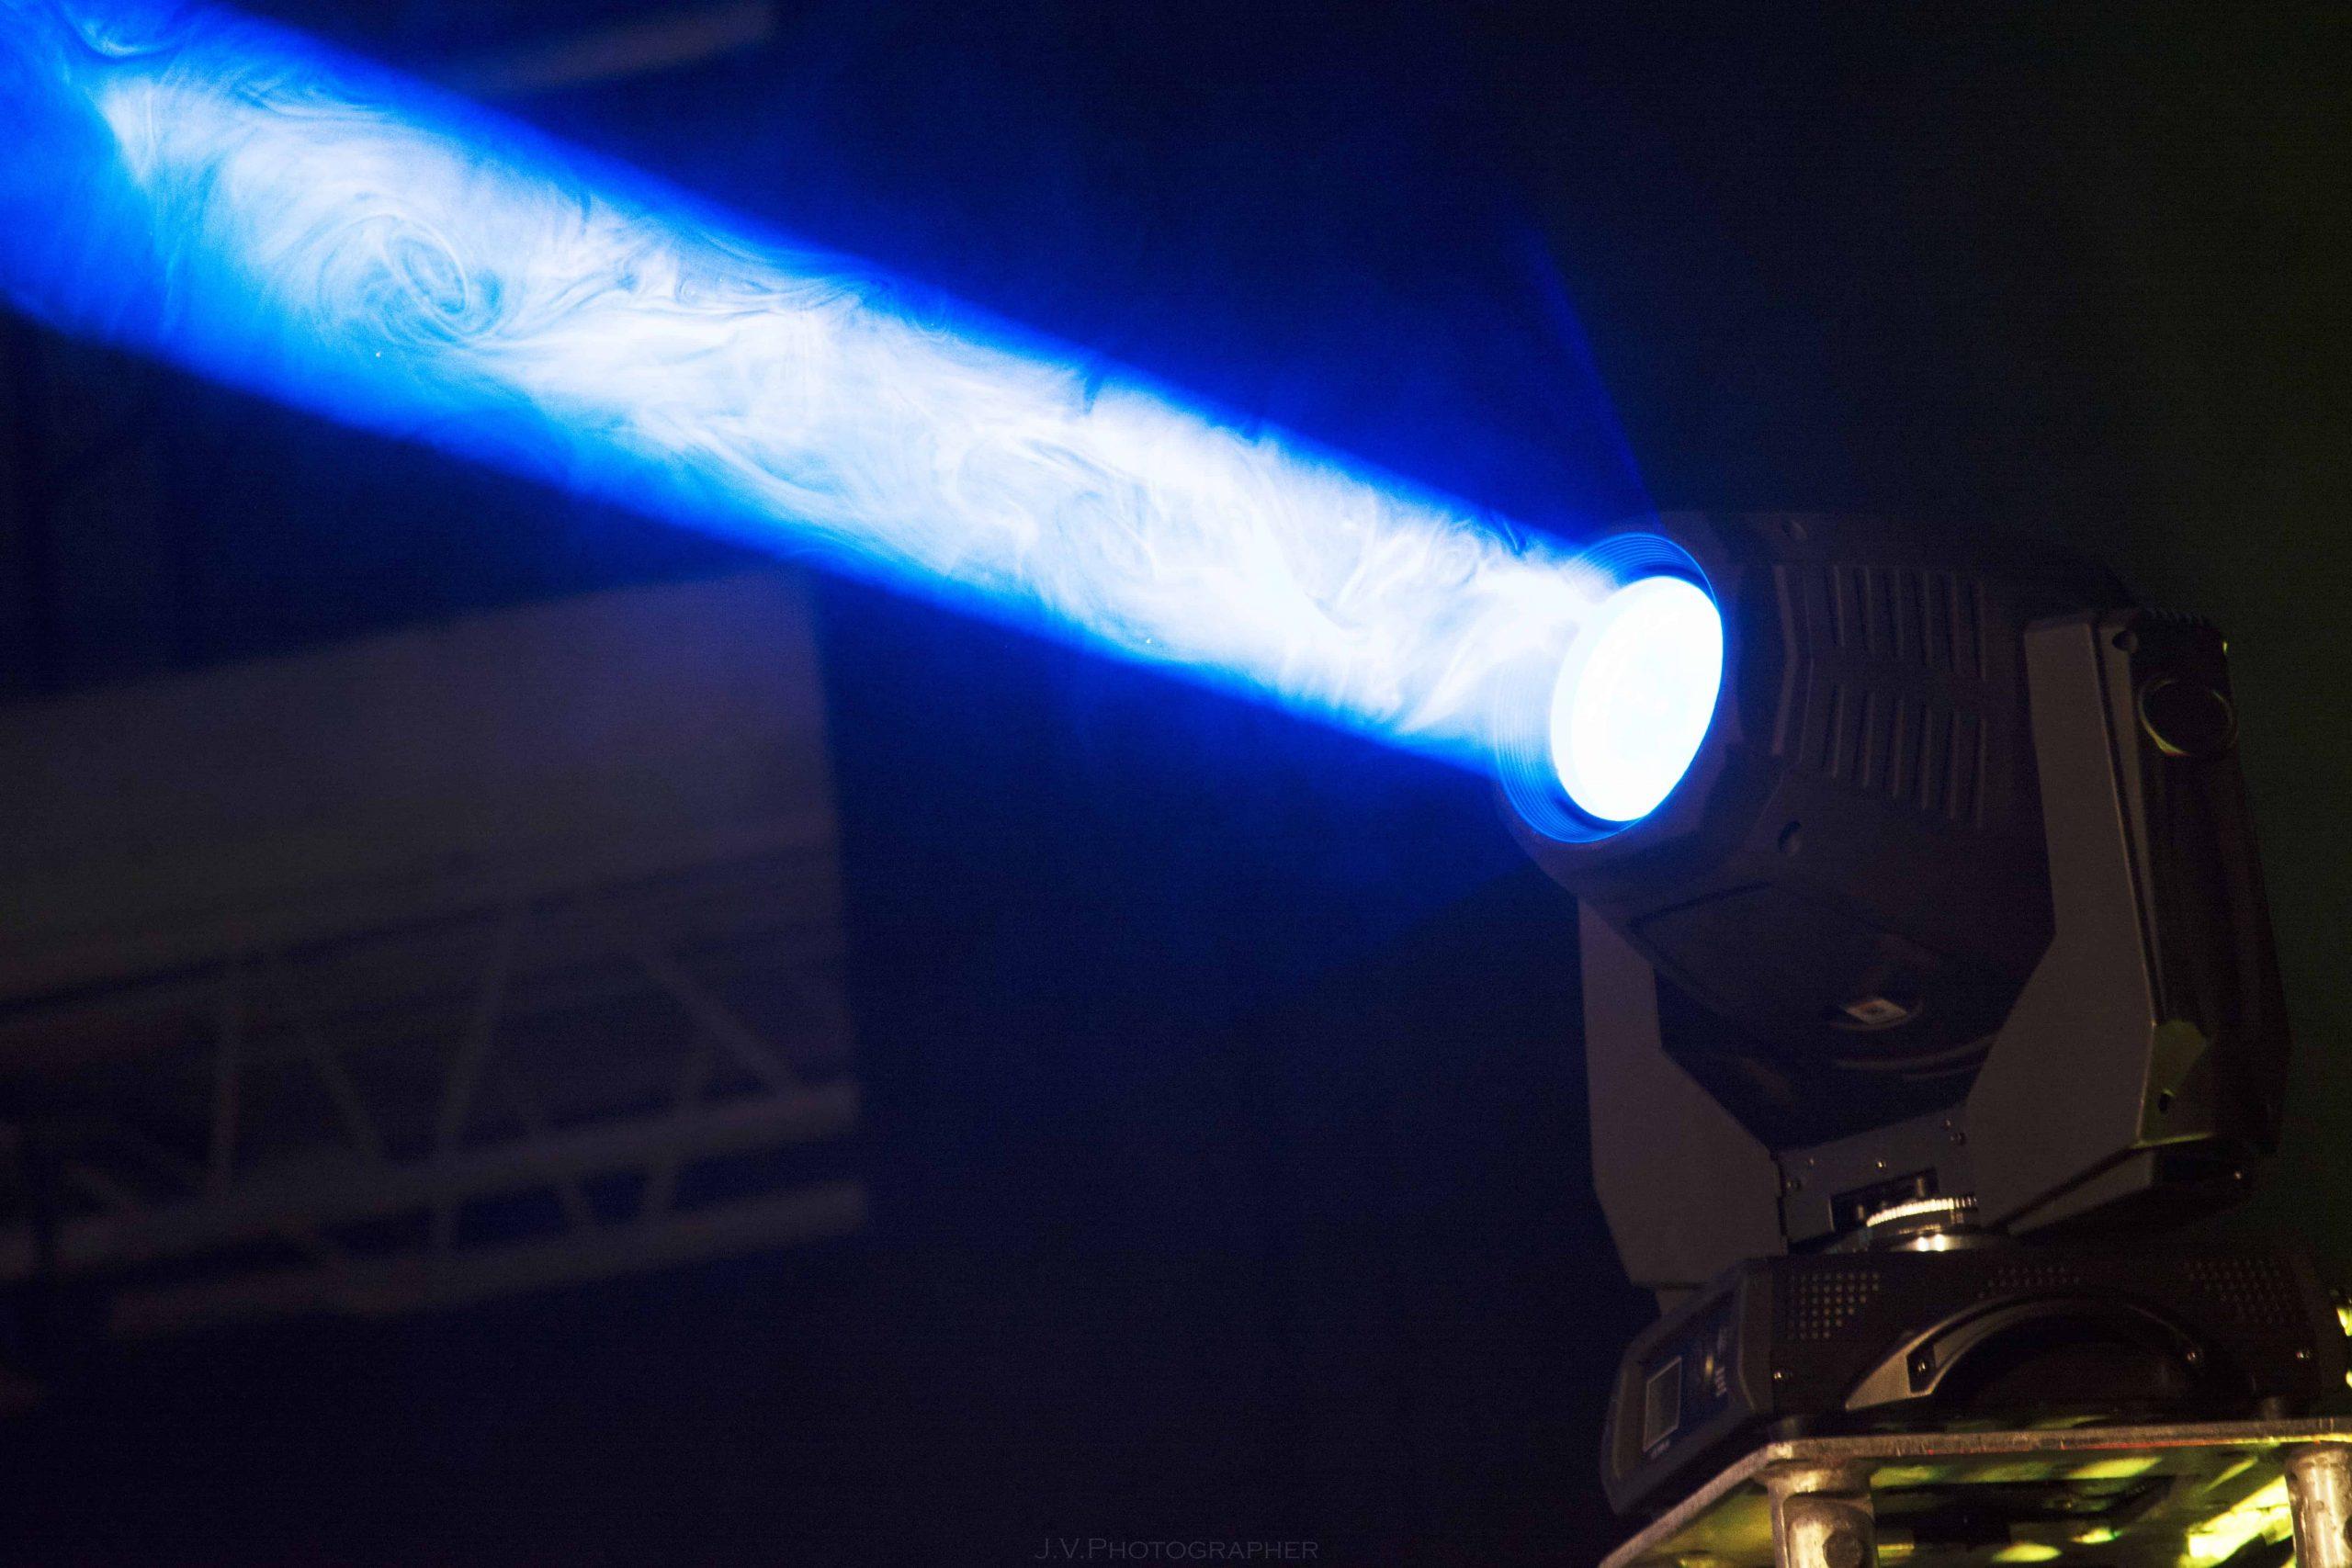 LCD Projektor: Test & Empfehlungen (11/20)